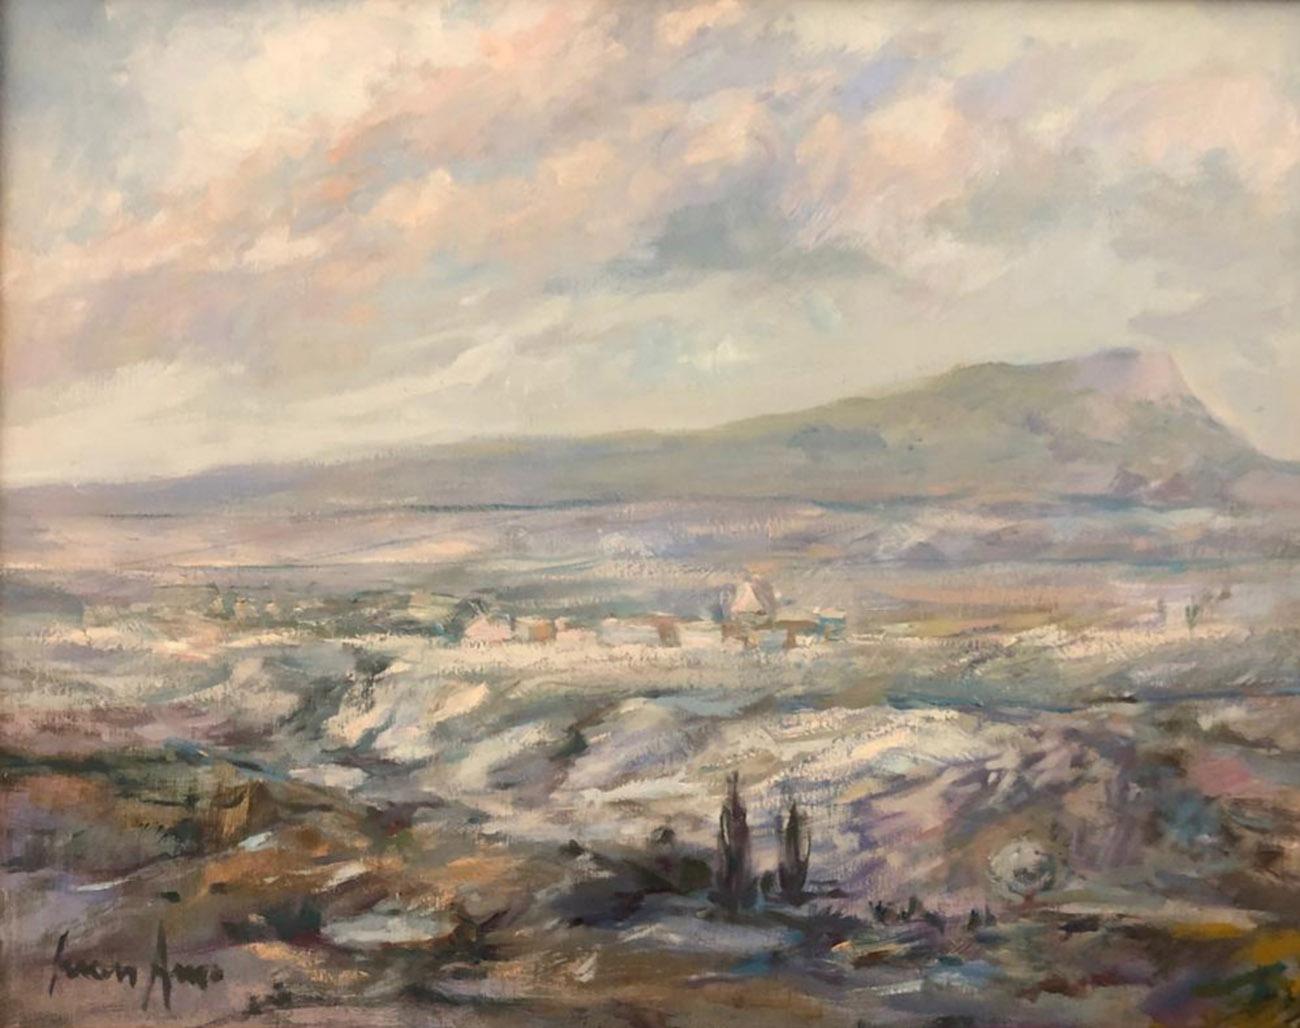 Juan Amo. (1993). Nevada y al fondo Chinchilla. Óleo - Tabla. 40 x 50. Colección Privada.